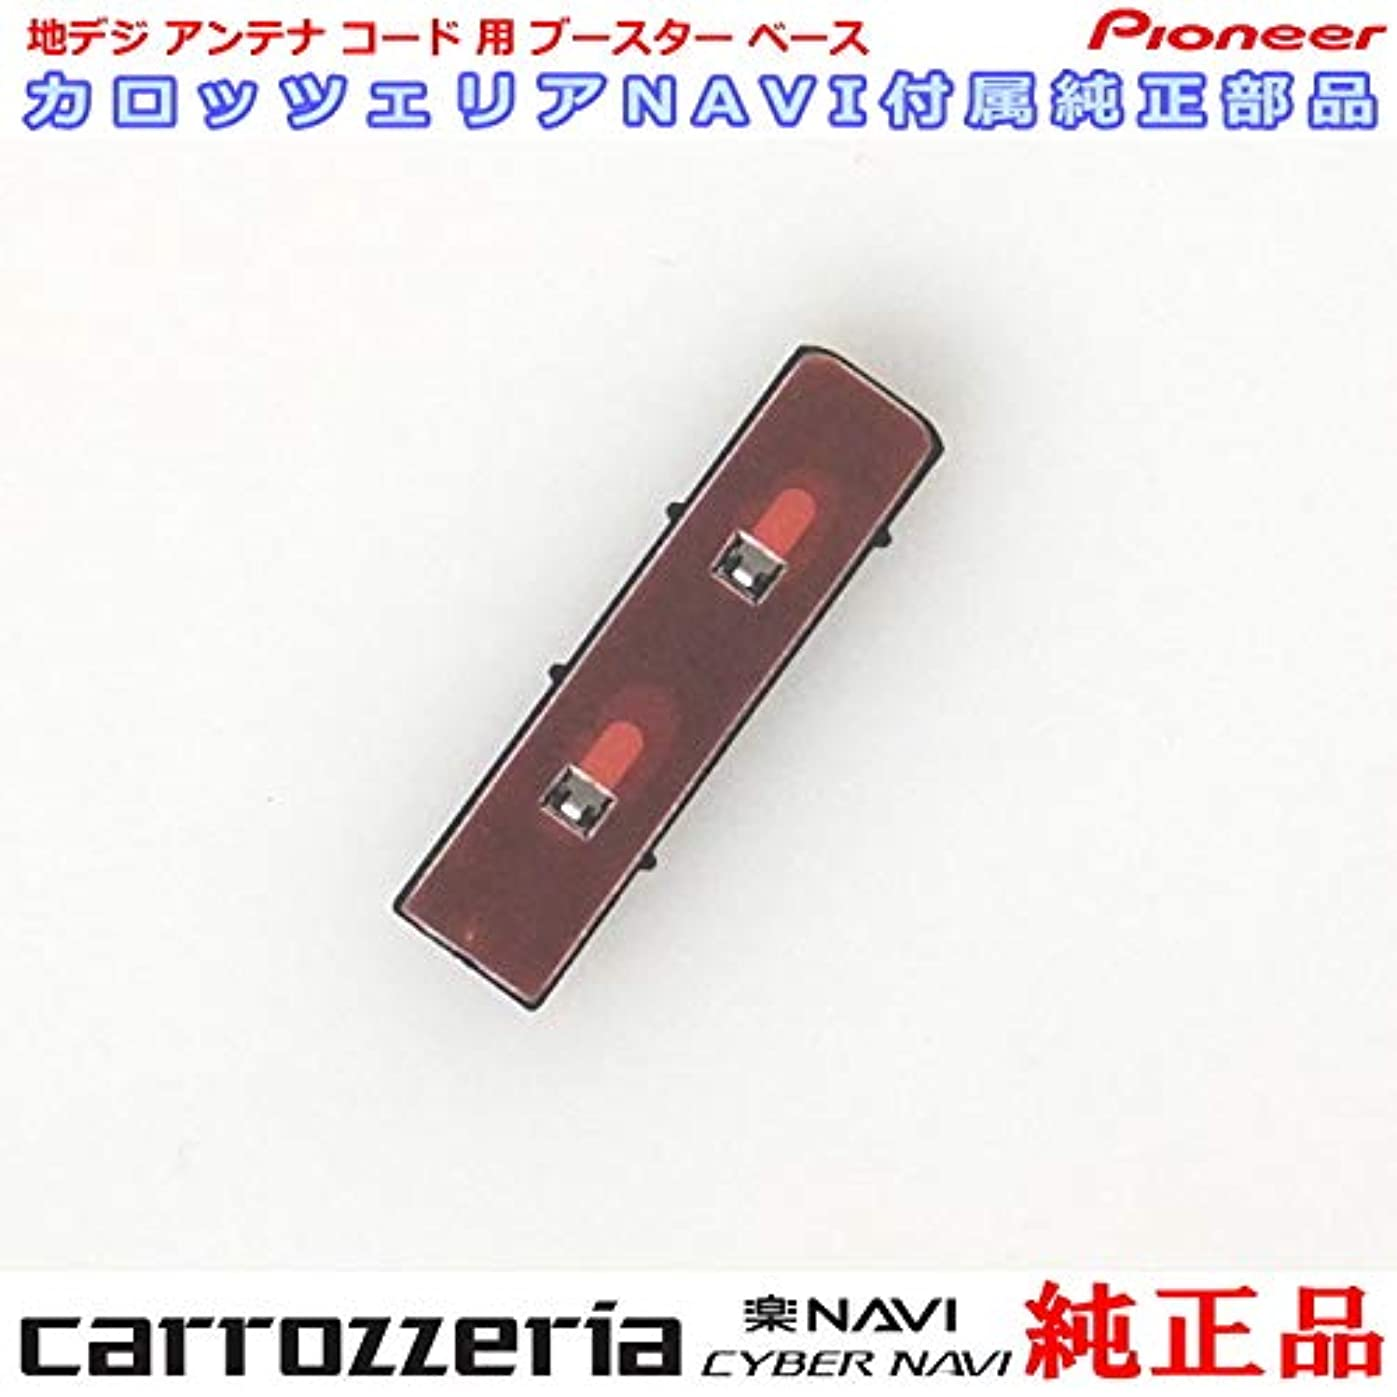 独立した感じるライトニングパイオニア カロッツェリア AVIC-RW03 純正品 アンテナコード用 ブースターベース (103